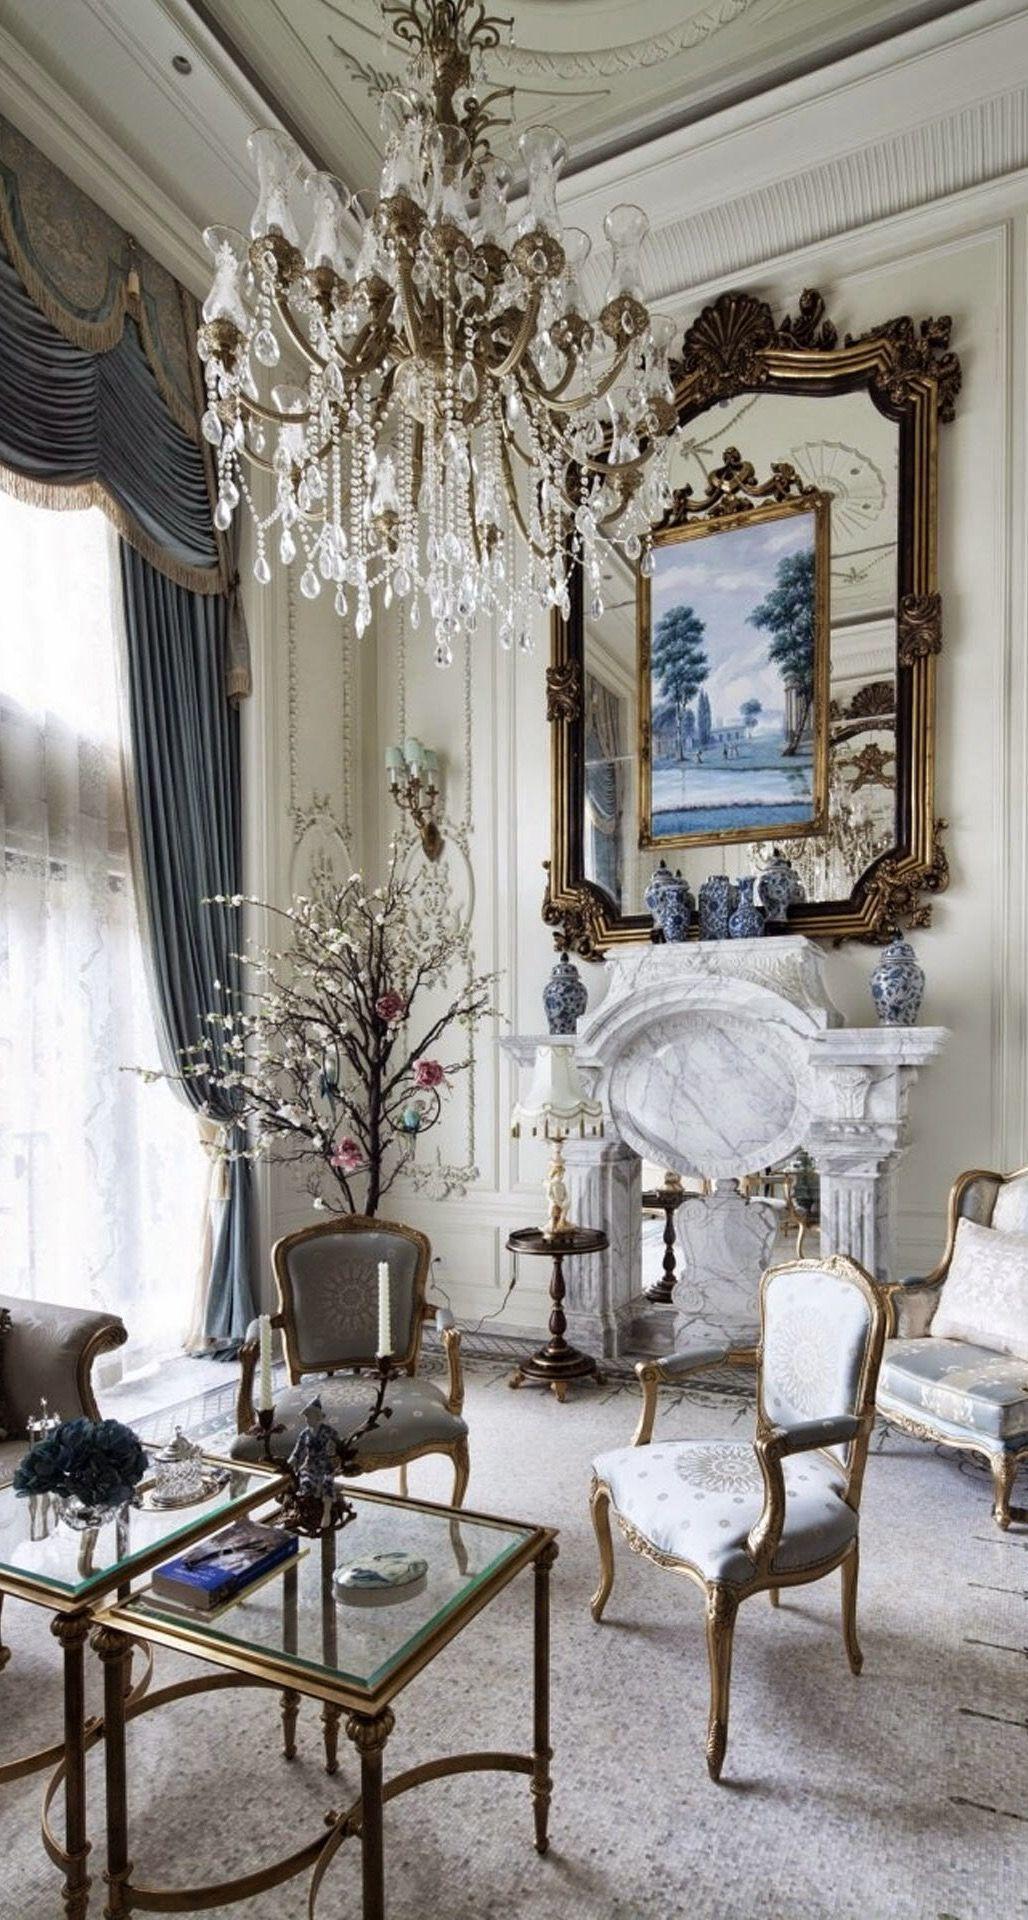 Pin de carmen andrea fern ndez en muebles dise o for Diseno decoracion hogar talagante